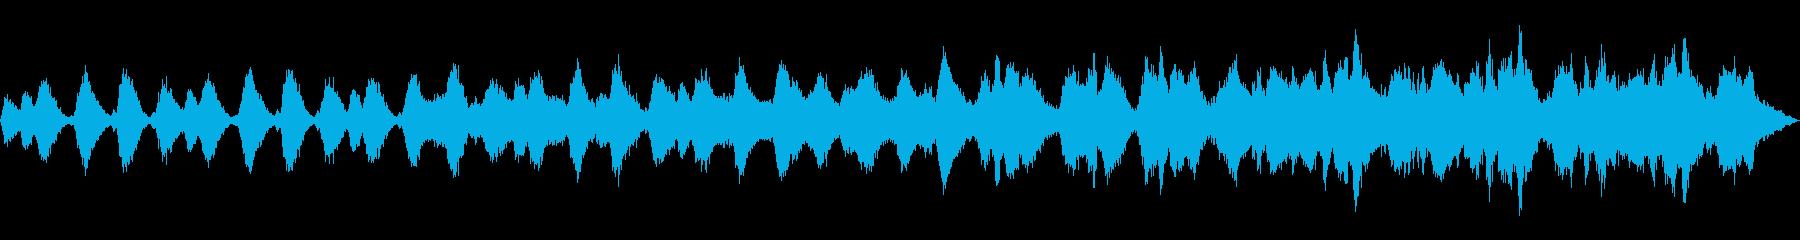 天界をイメージしたヒーリング曲 の再生済みの波形